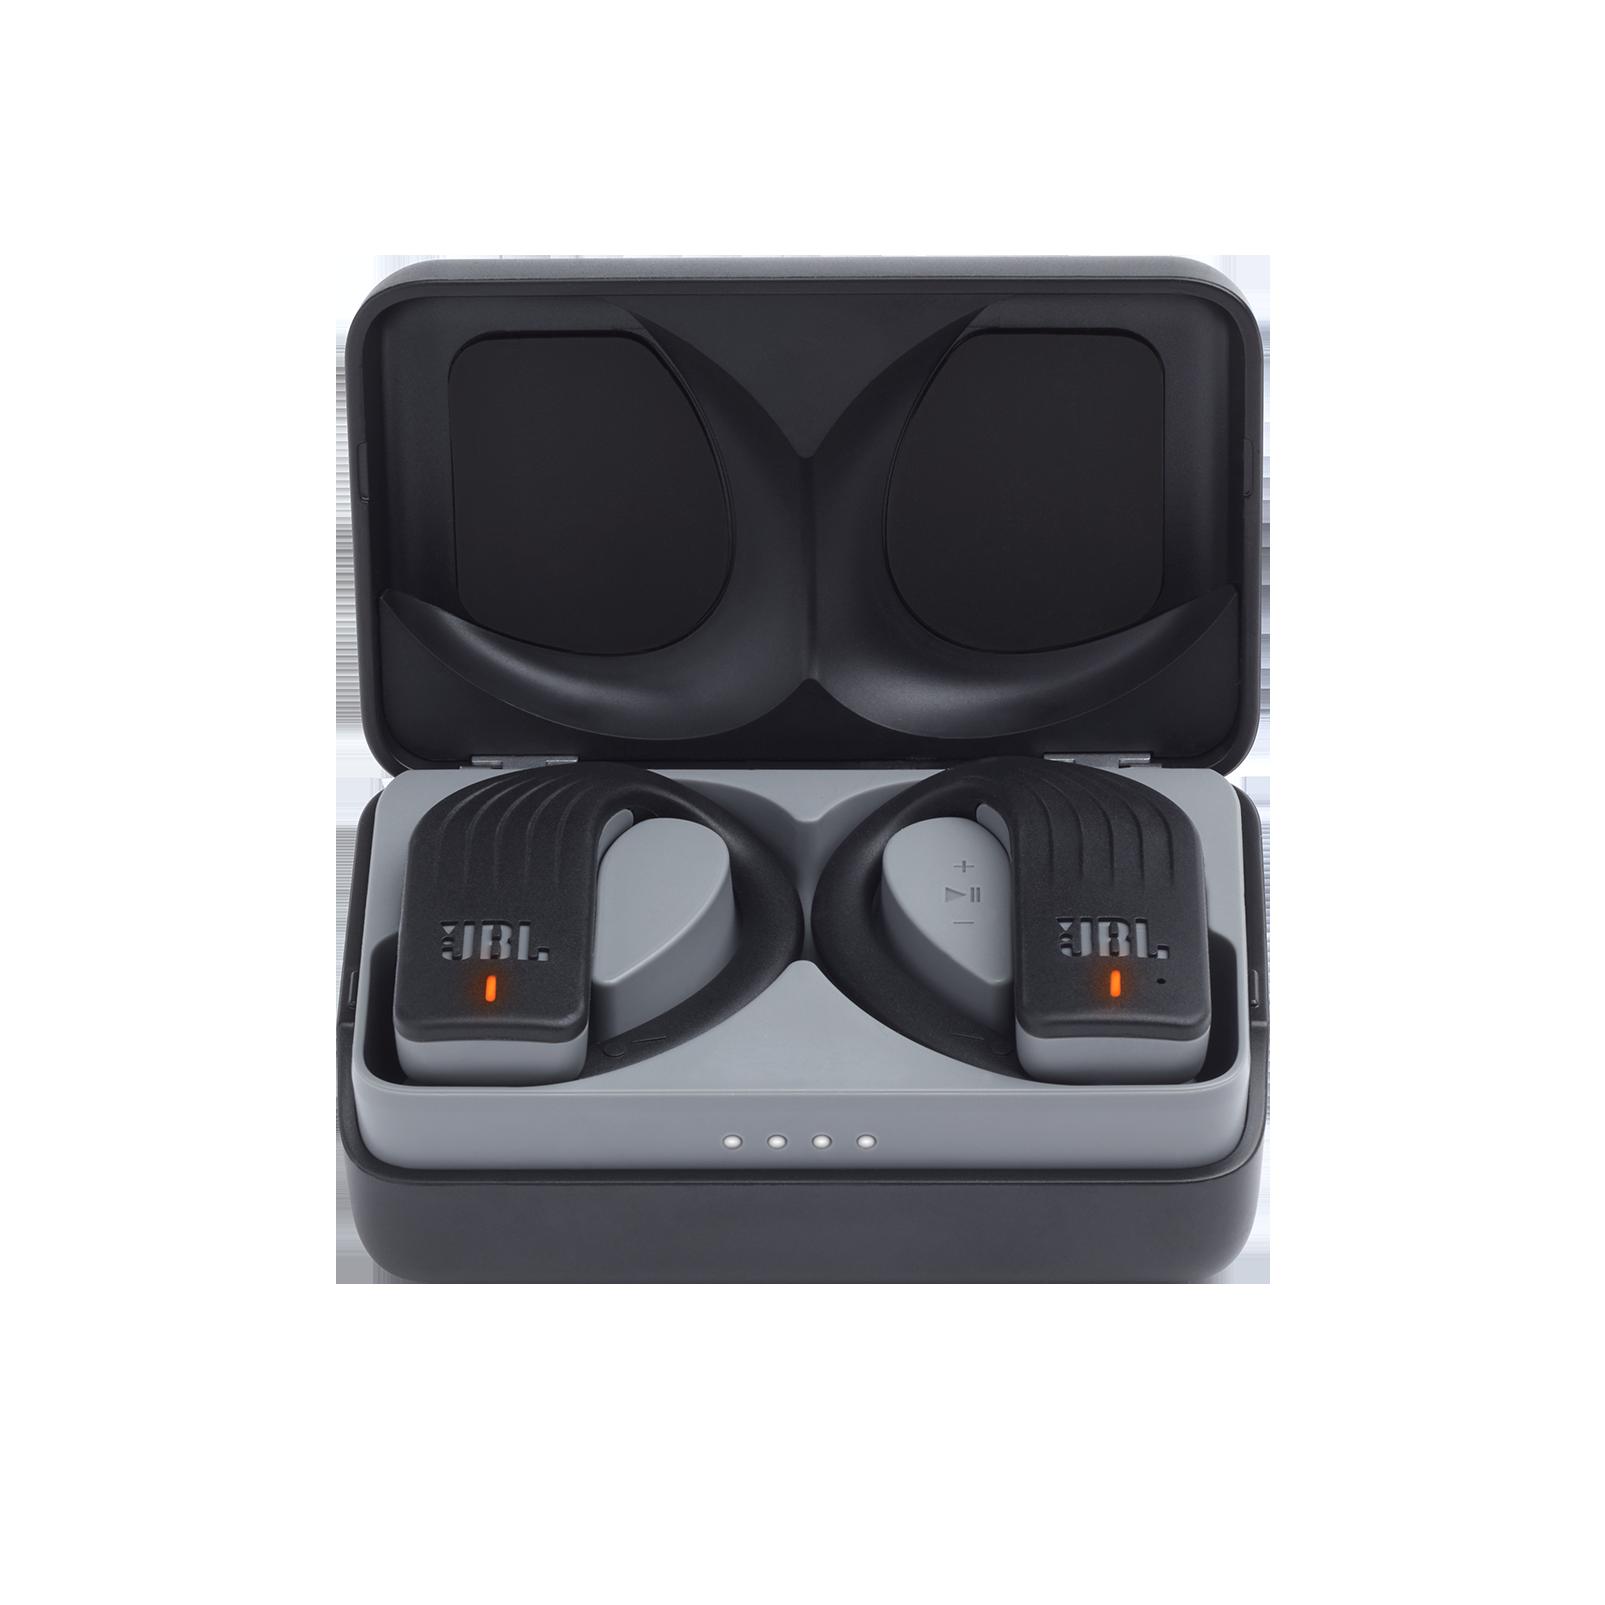 JBL Endurance PEAK - Black - Waterproof True Wireless In-Ear Sport Headphones - Detailshot 3